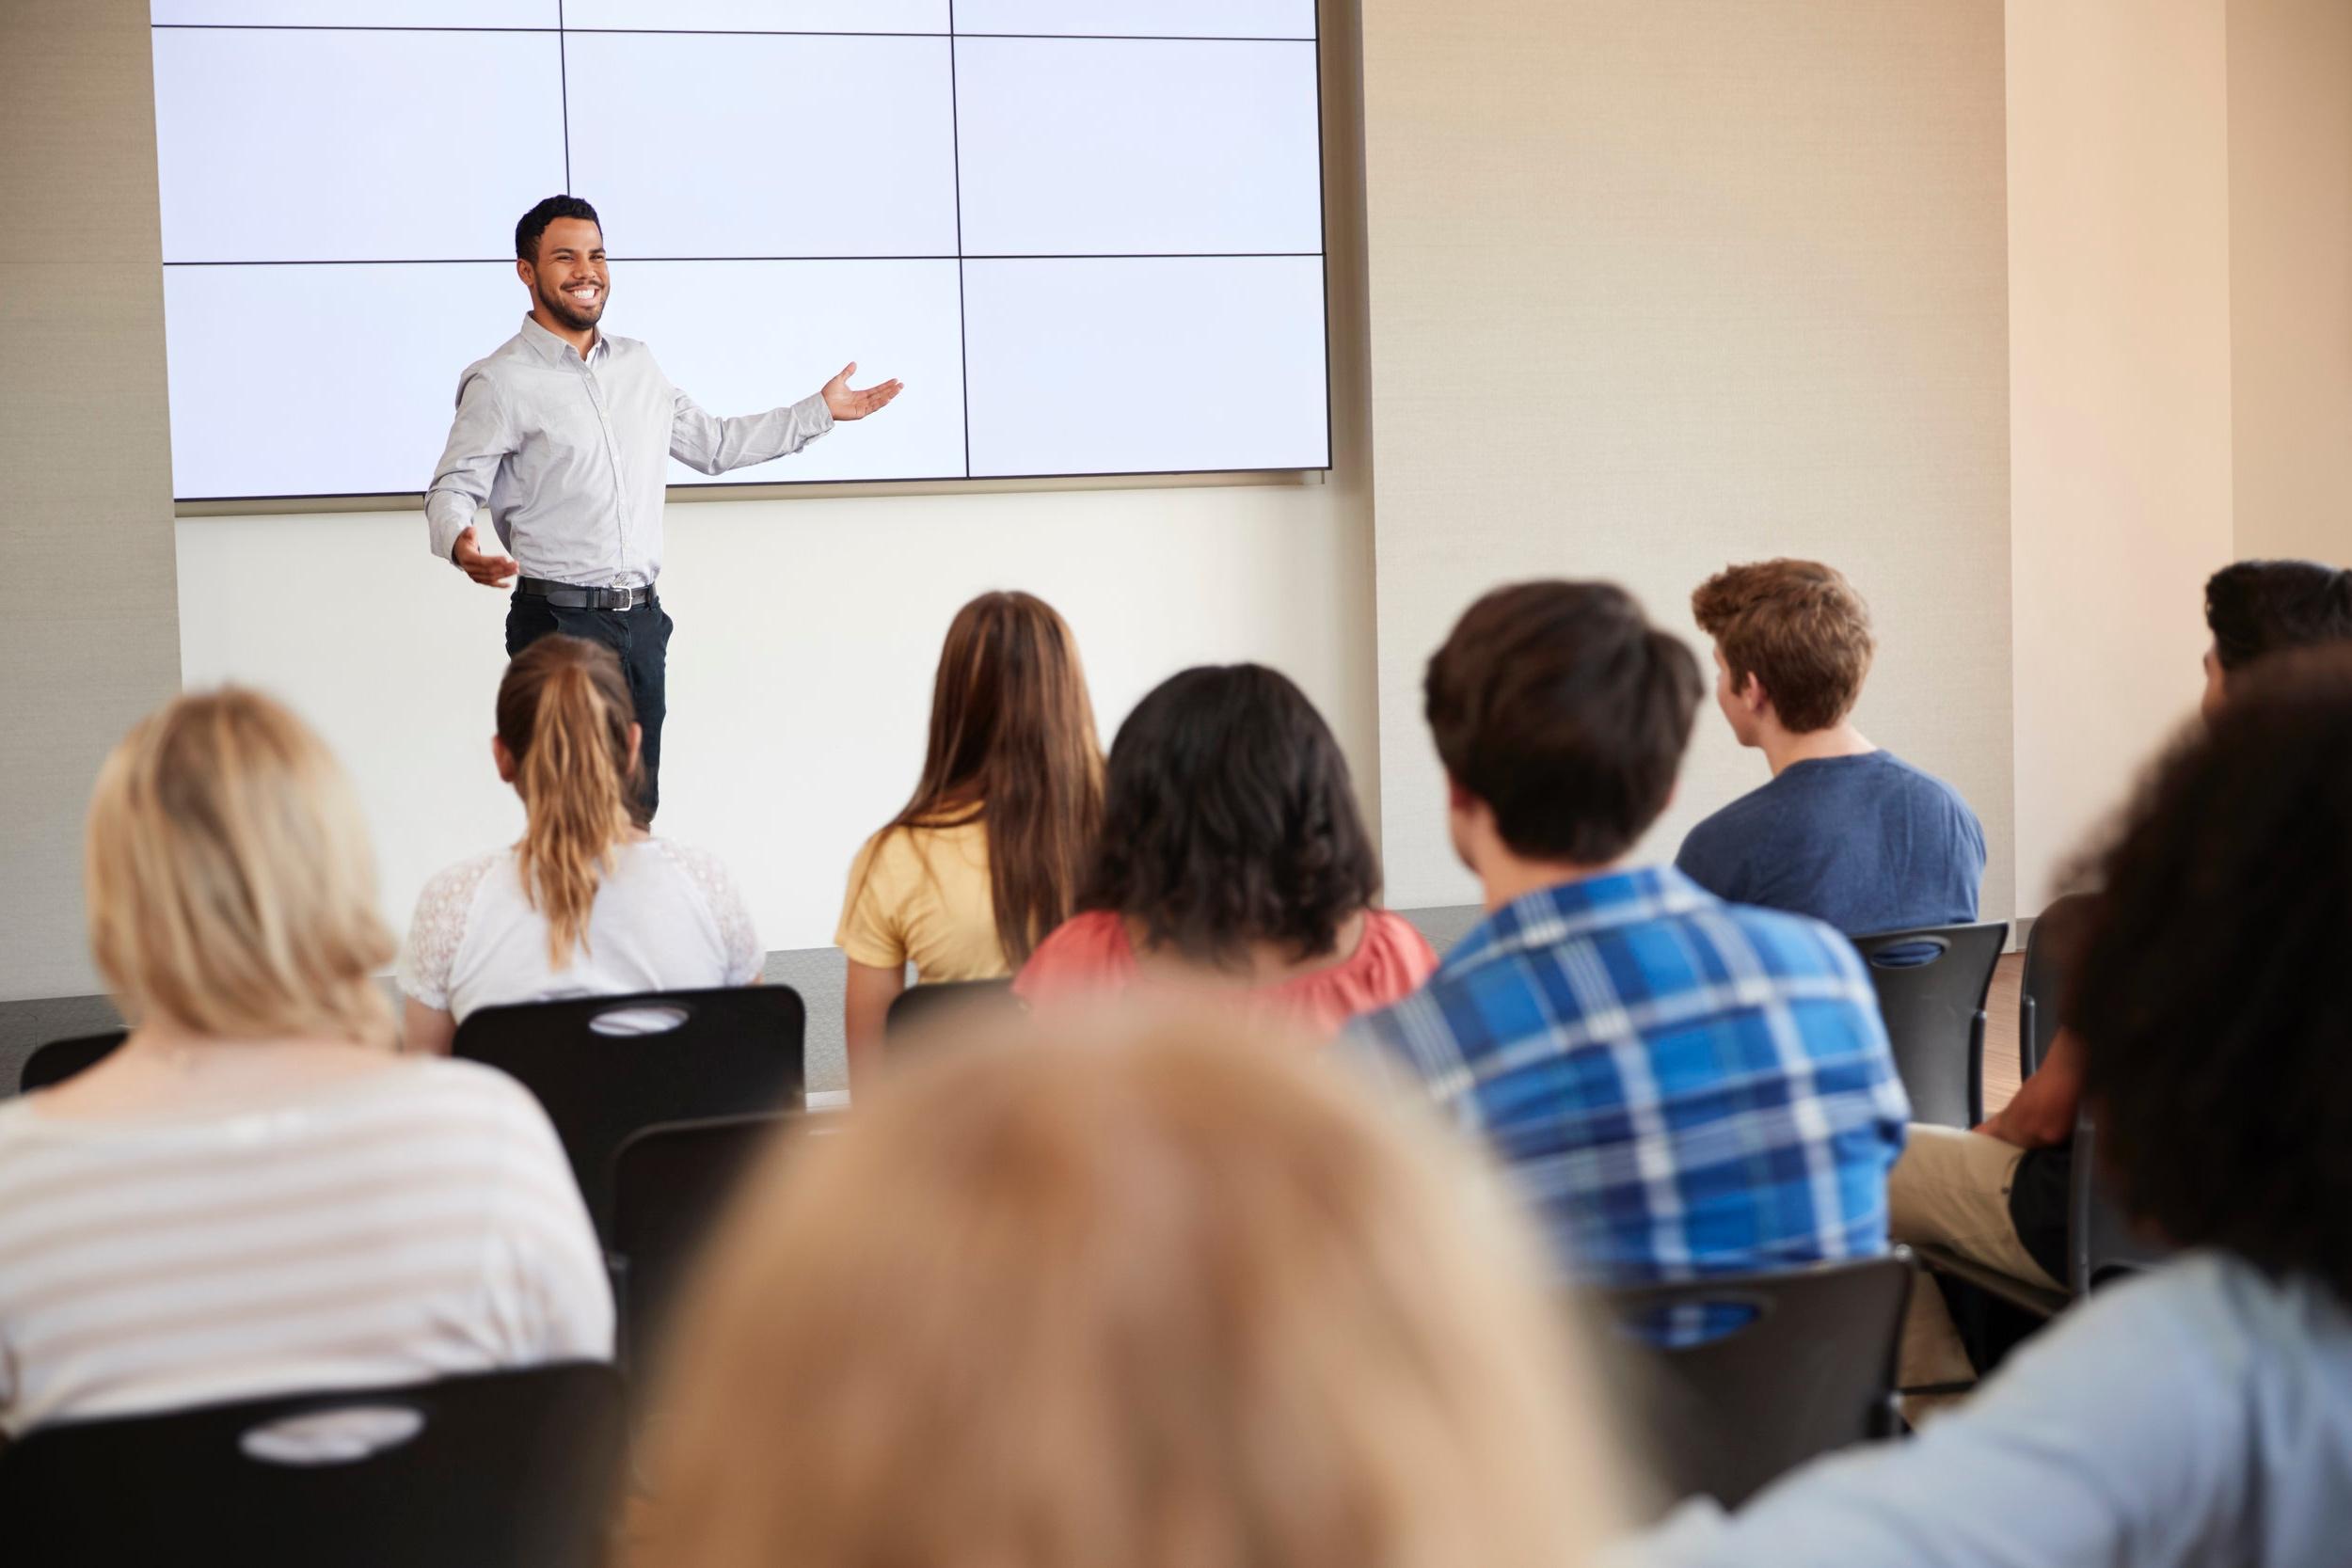 Impulsvorträge - Begeisternde Vorträge zu dem Thema Gesundheit